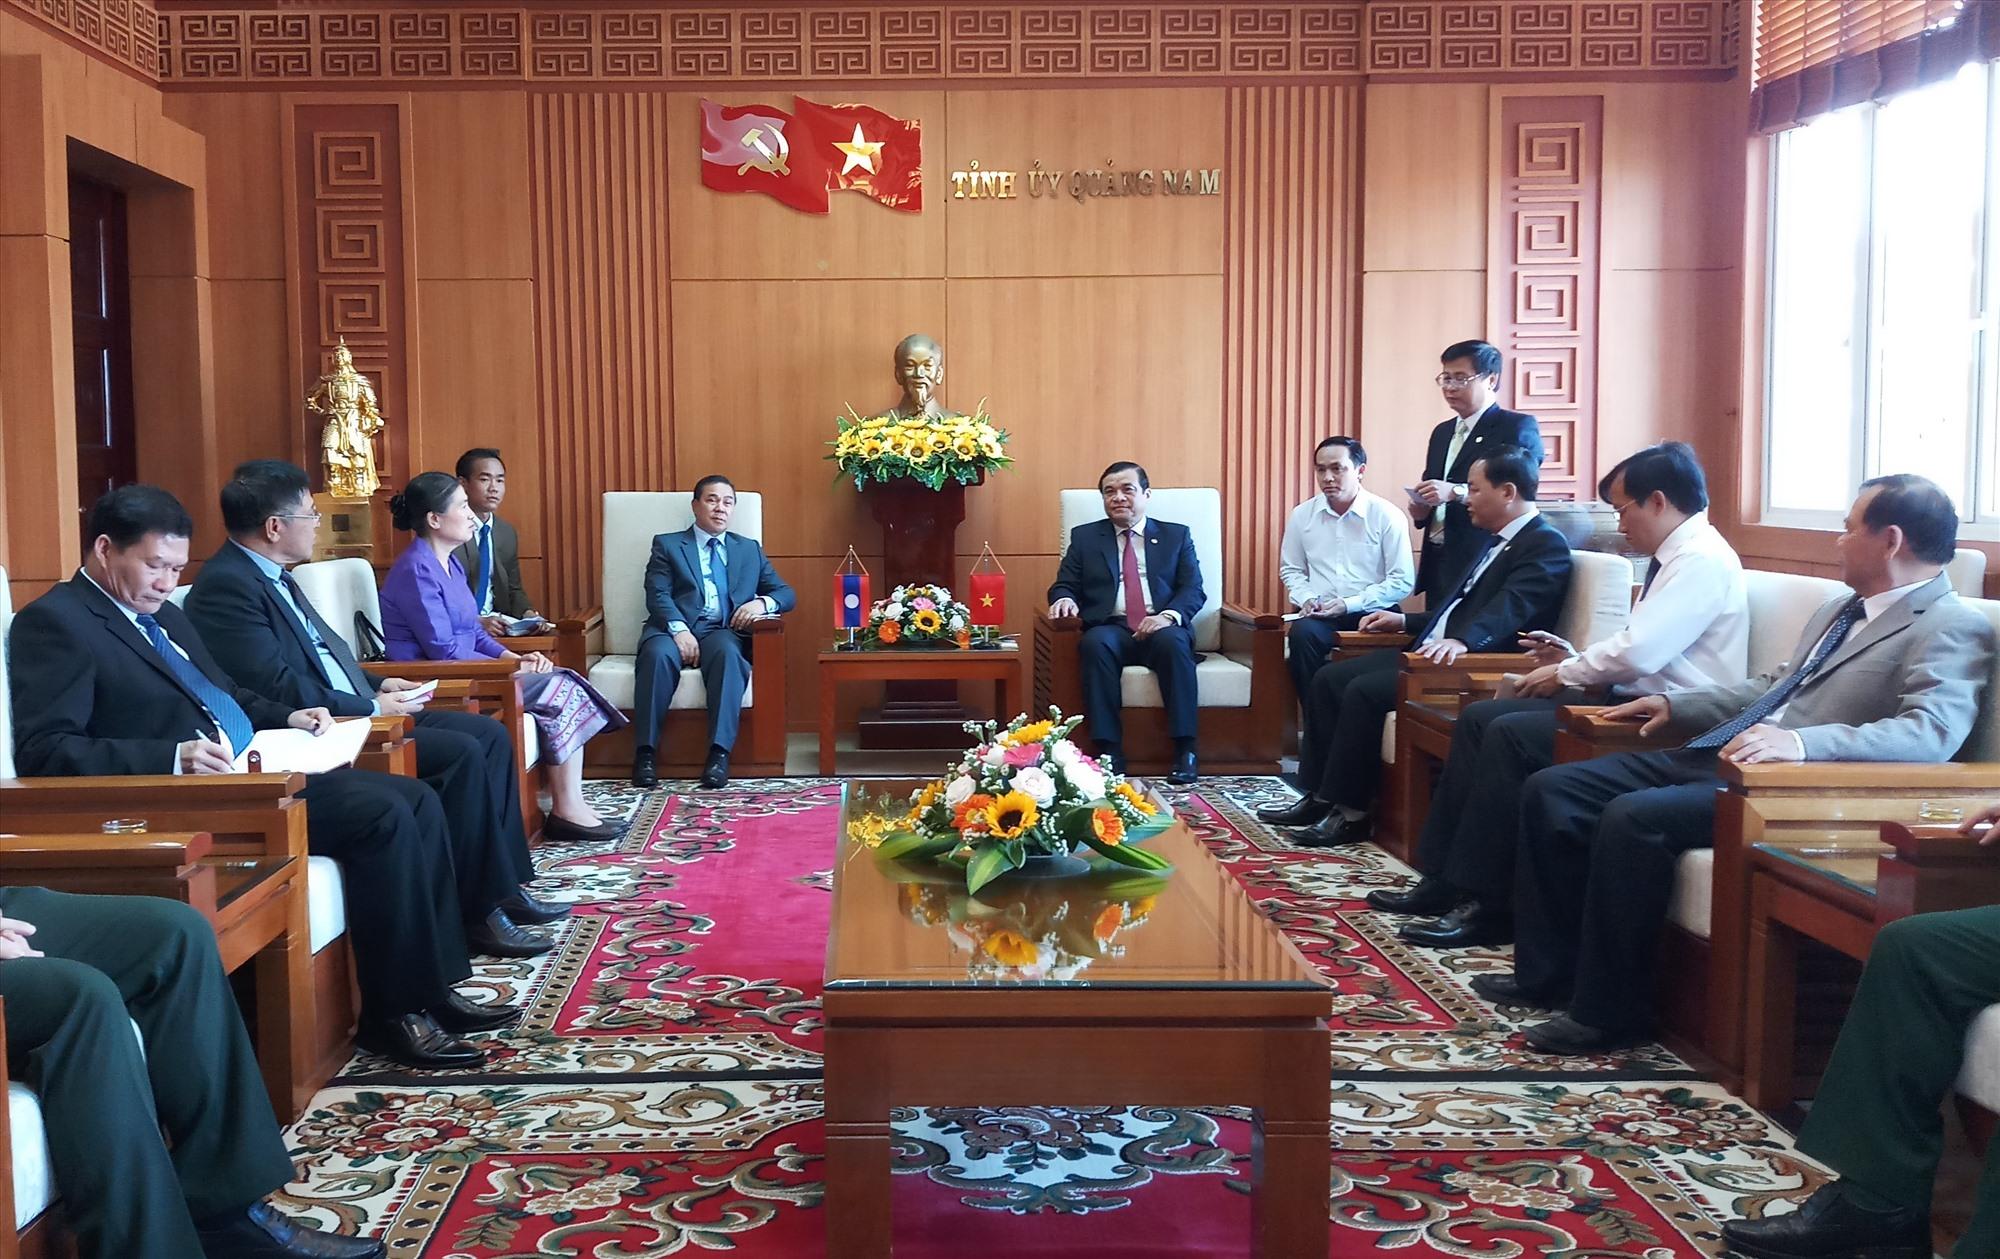 Đoàn côg tác của Đại sứ Quán Lào tại Việt Nam đến thăm, chào xã giao lãnh đạo tỉnh Quảng Nam. Ảnh: A.N